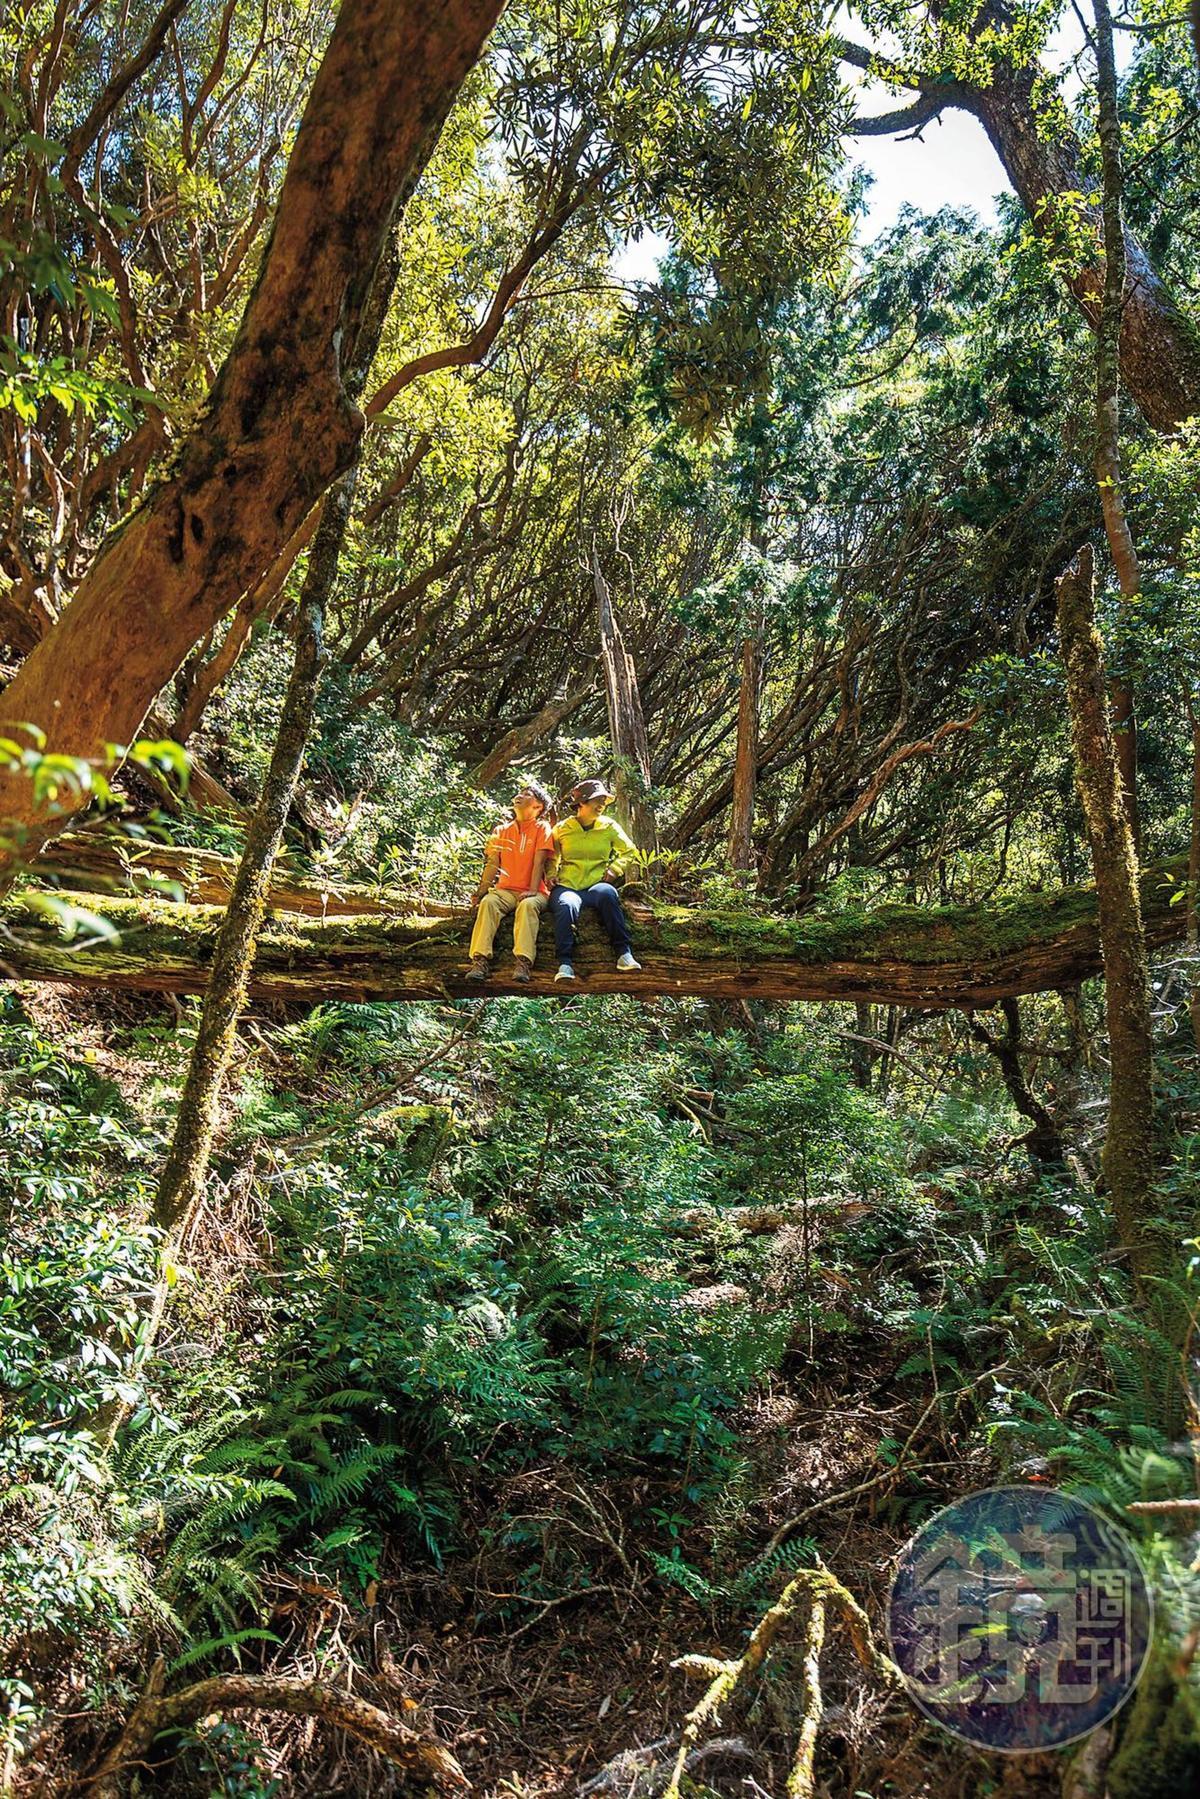 「塔曼山」為林相豐富的中級山。